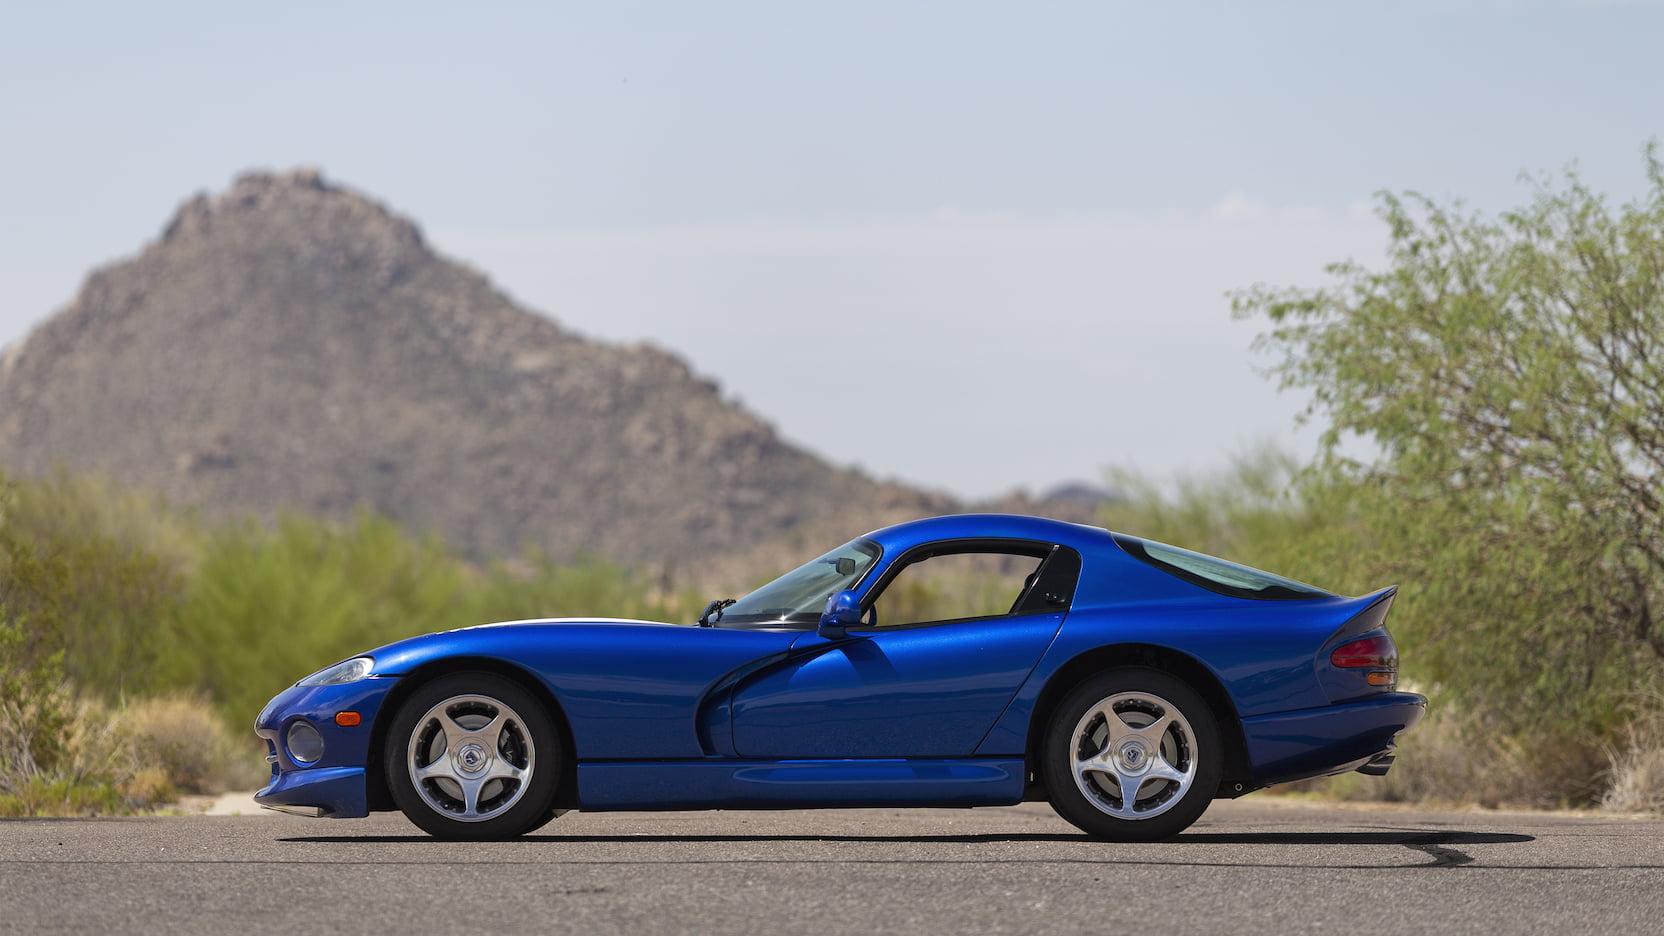 1996 Dodge Viper GTS side profile driver